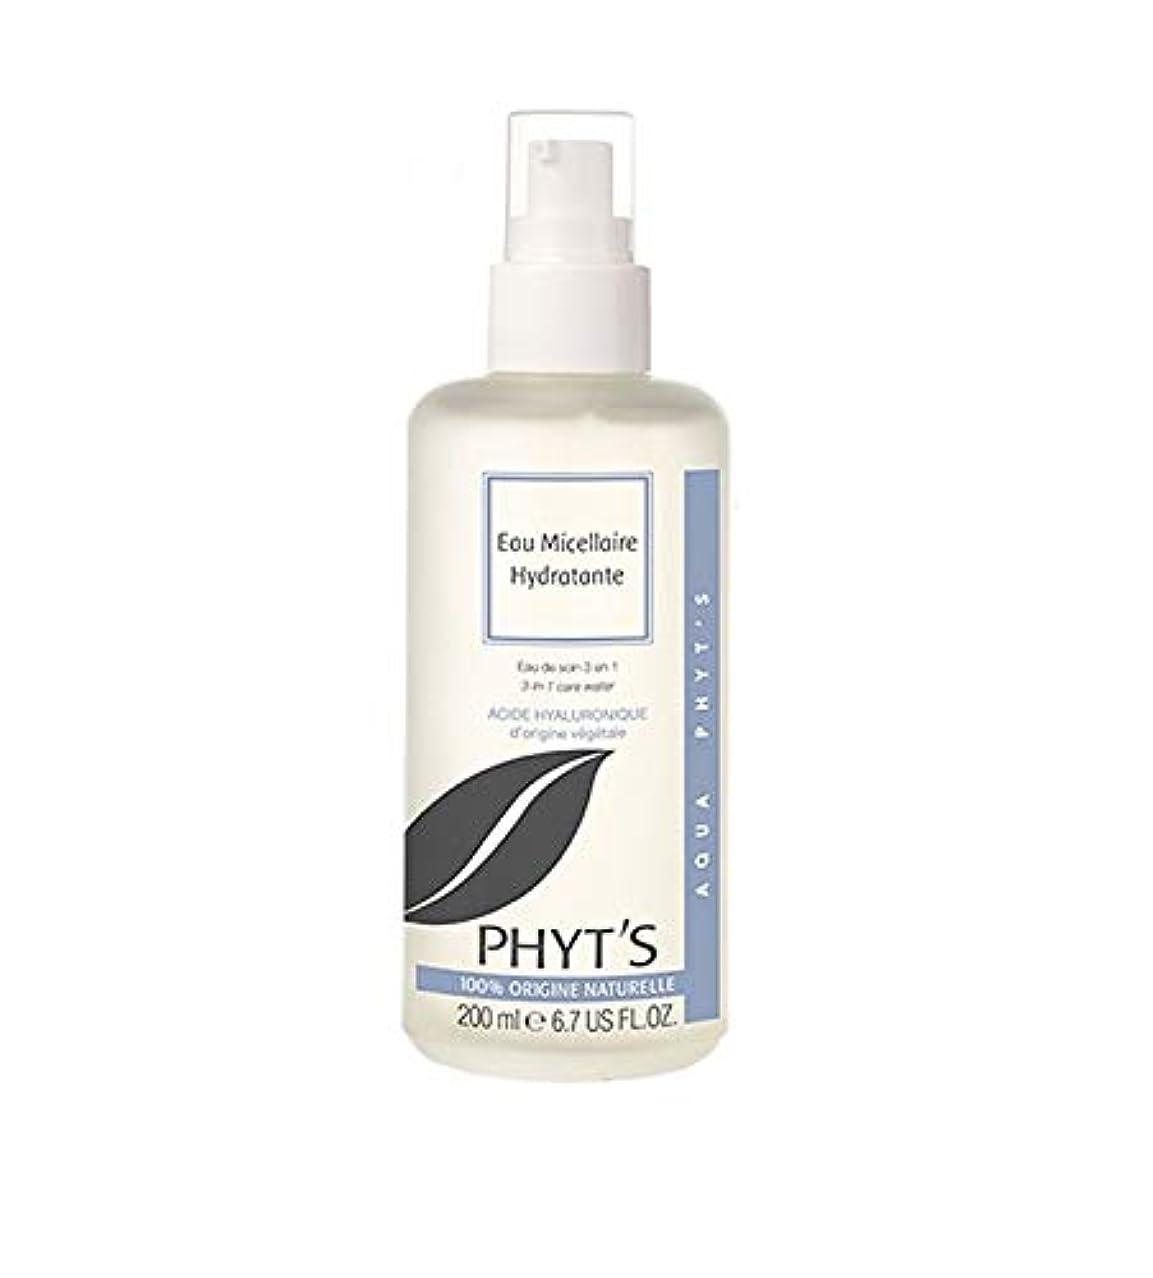 メッシュがっかりした交換フィッツ PHYT'S ヒアルロン酸配合 ダマスクローズ水配合 オーガニック化粧水 ミセルローション 200ml